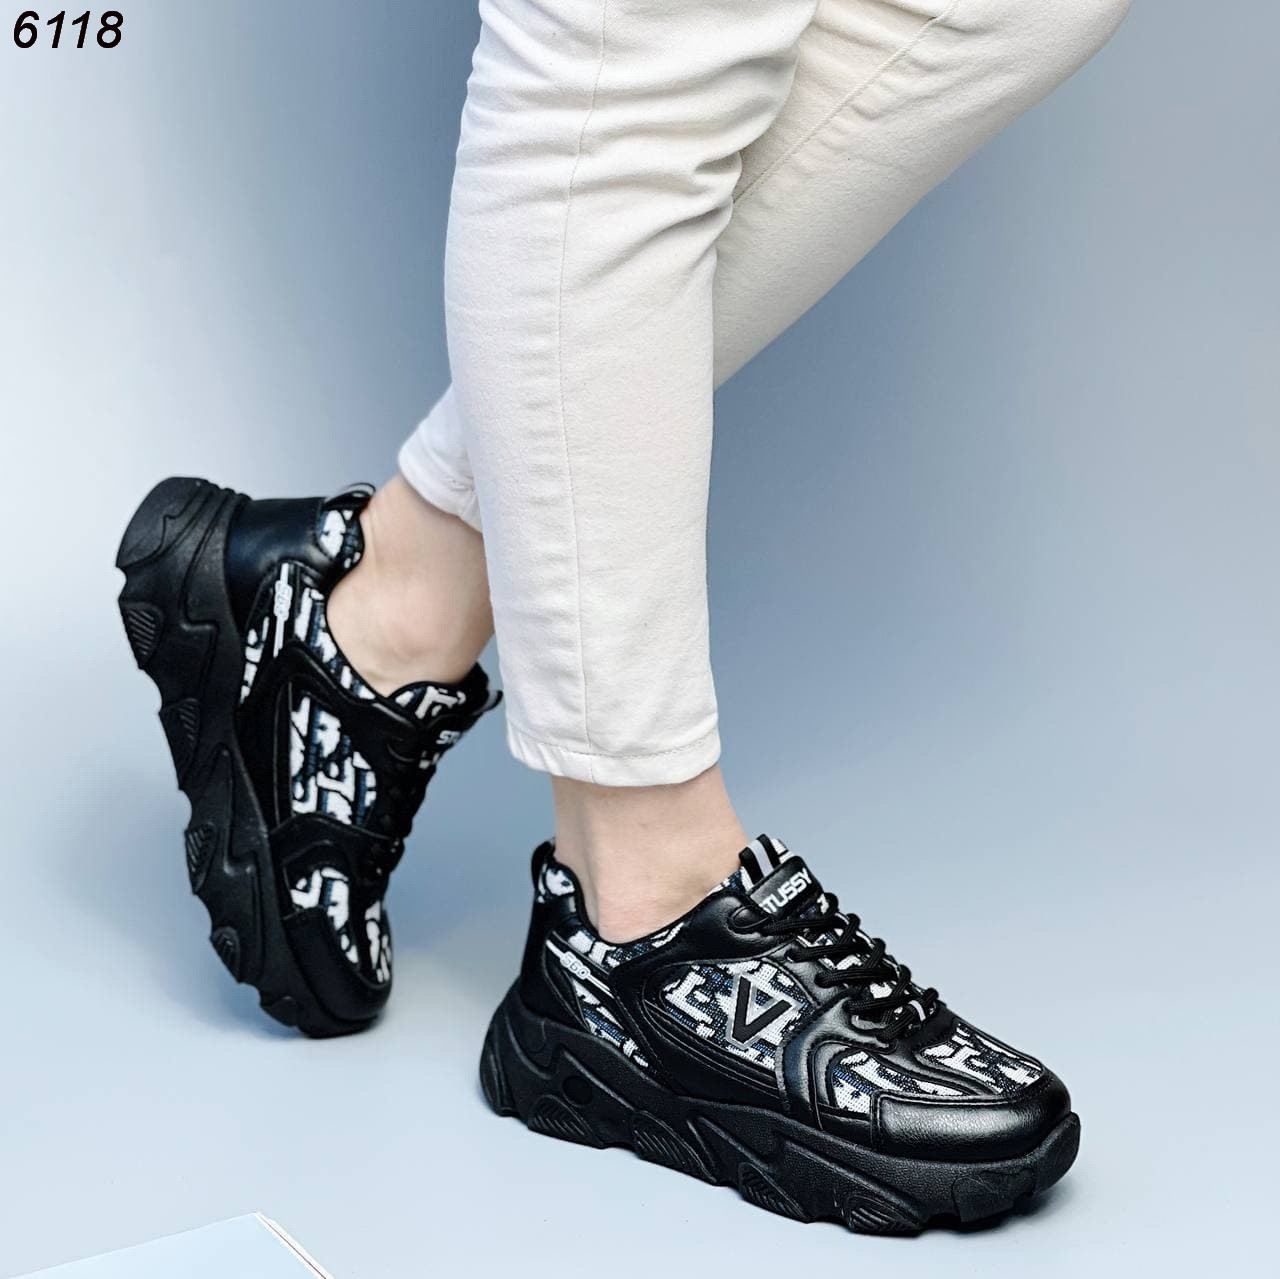 Крутые кроссовки для девушек 6118 (ВБ)